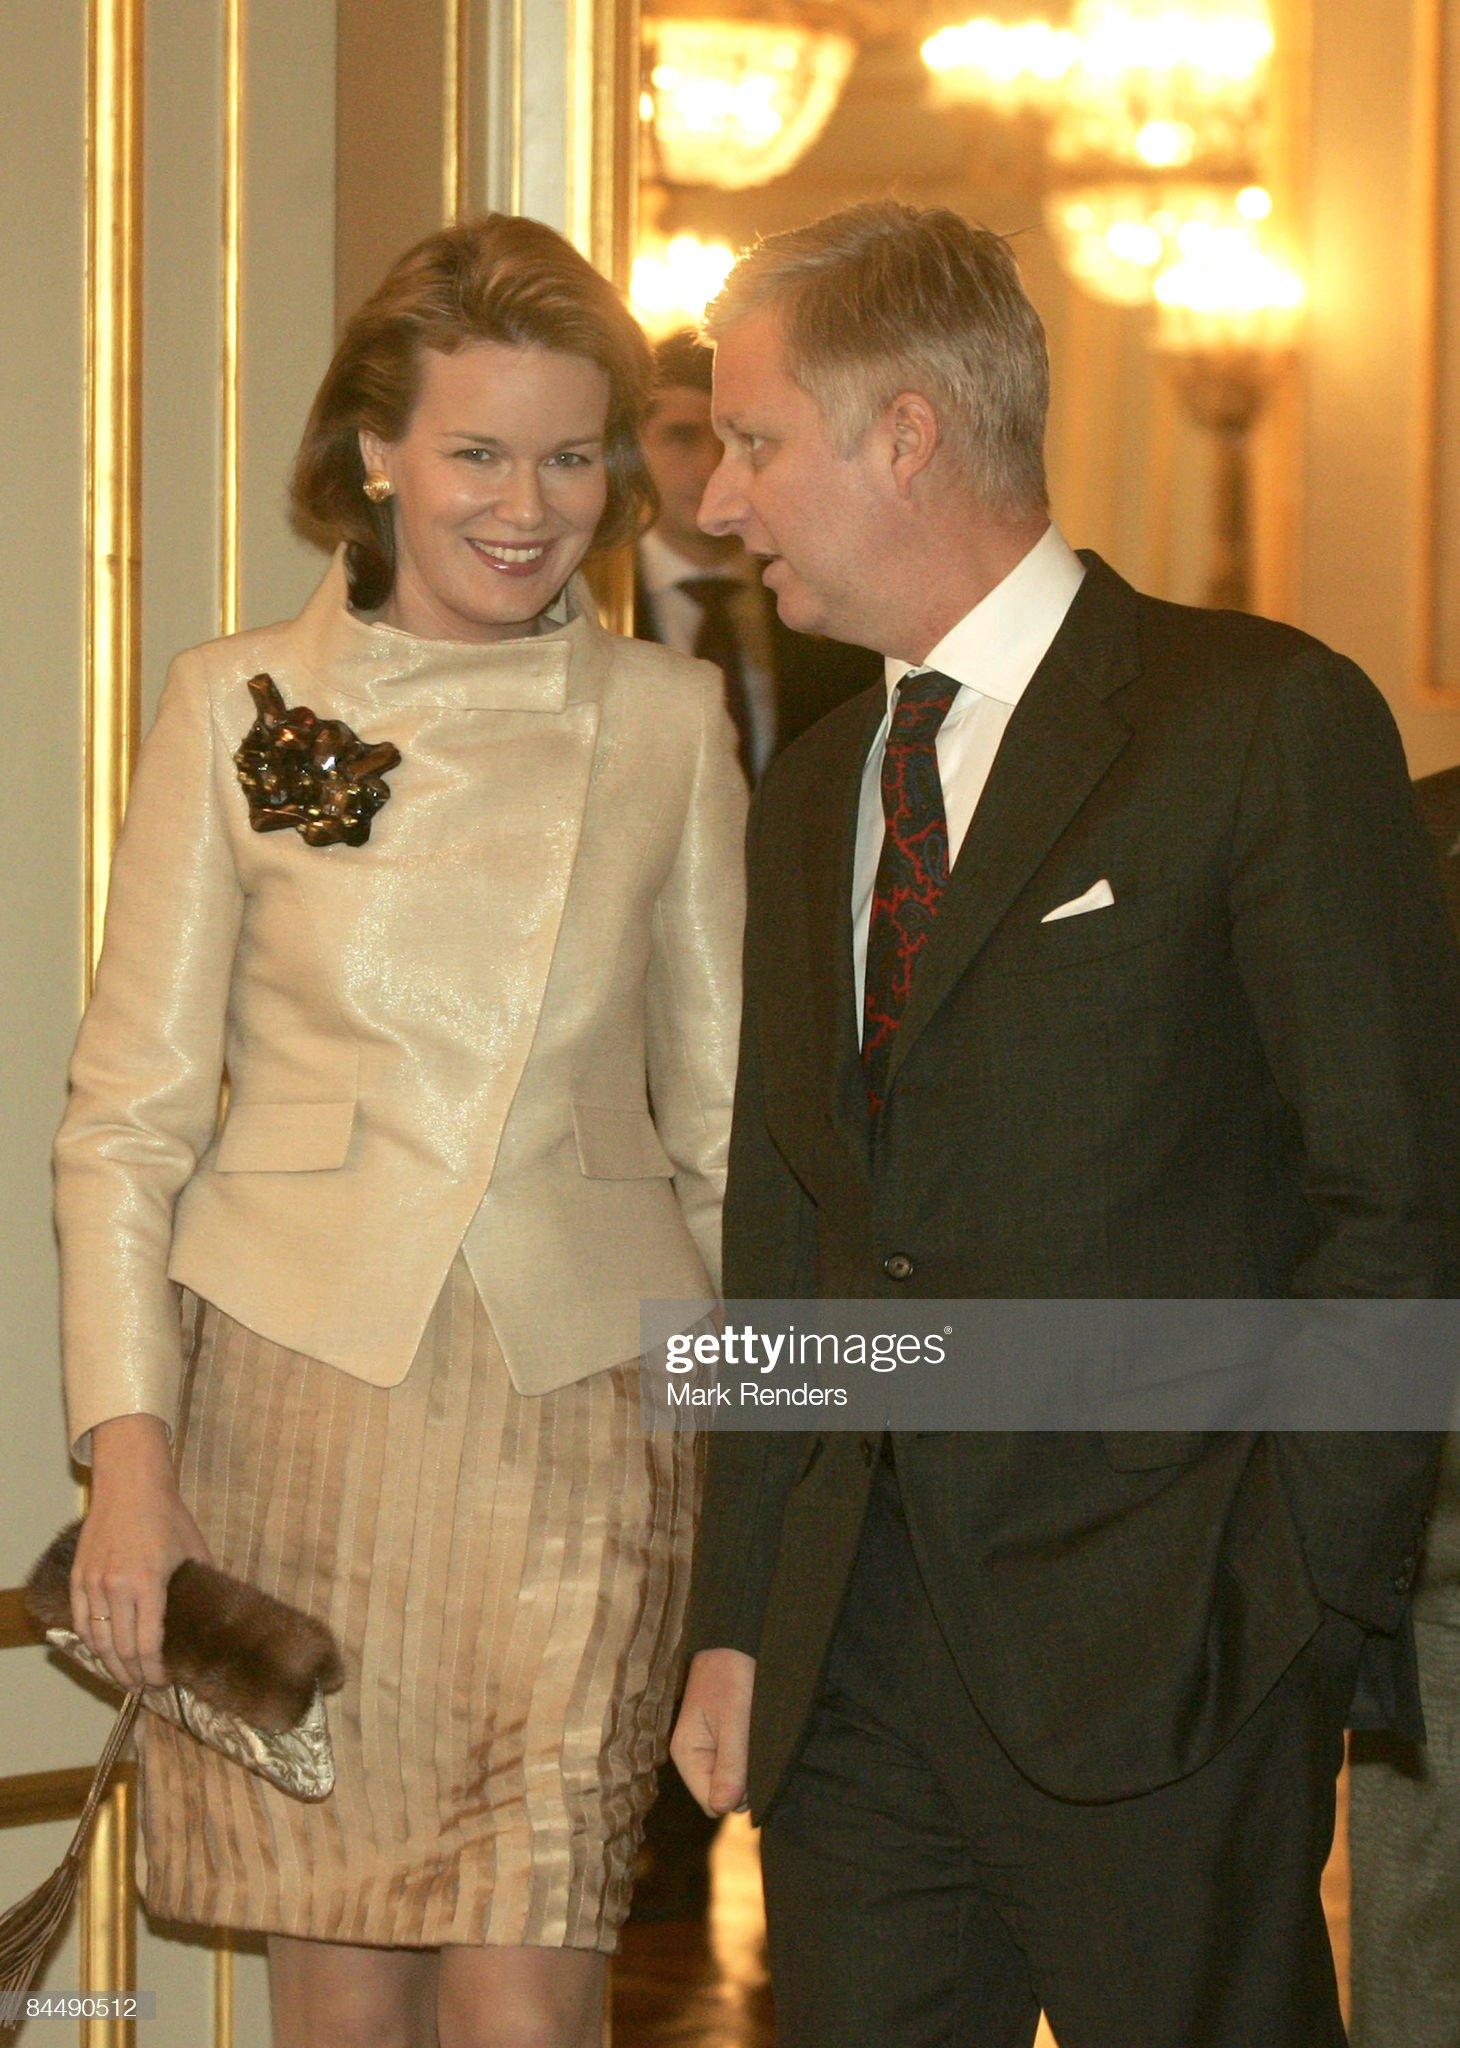 Вечерние наряды Королевы Матильды Belgium Royals Hold a New Year Reception : News Photo